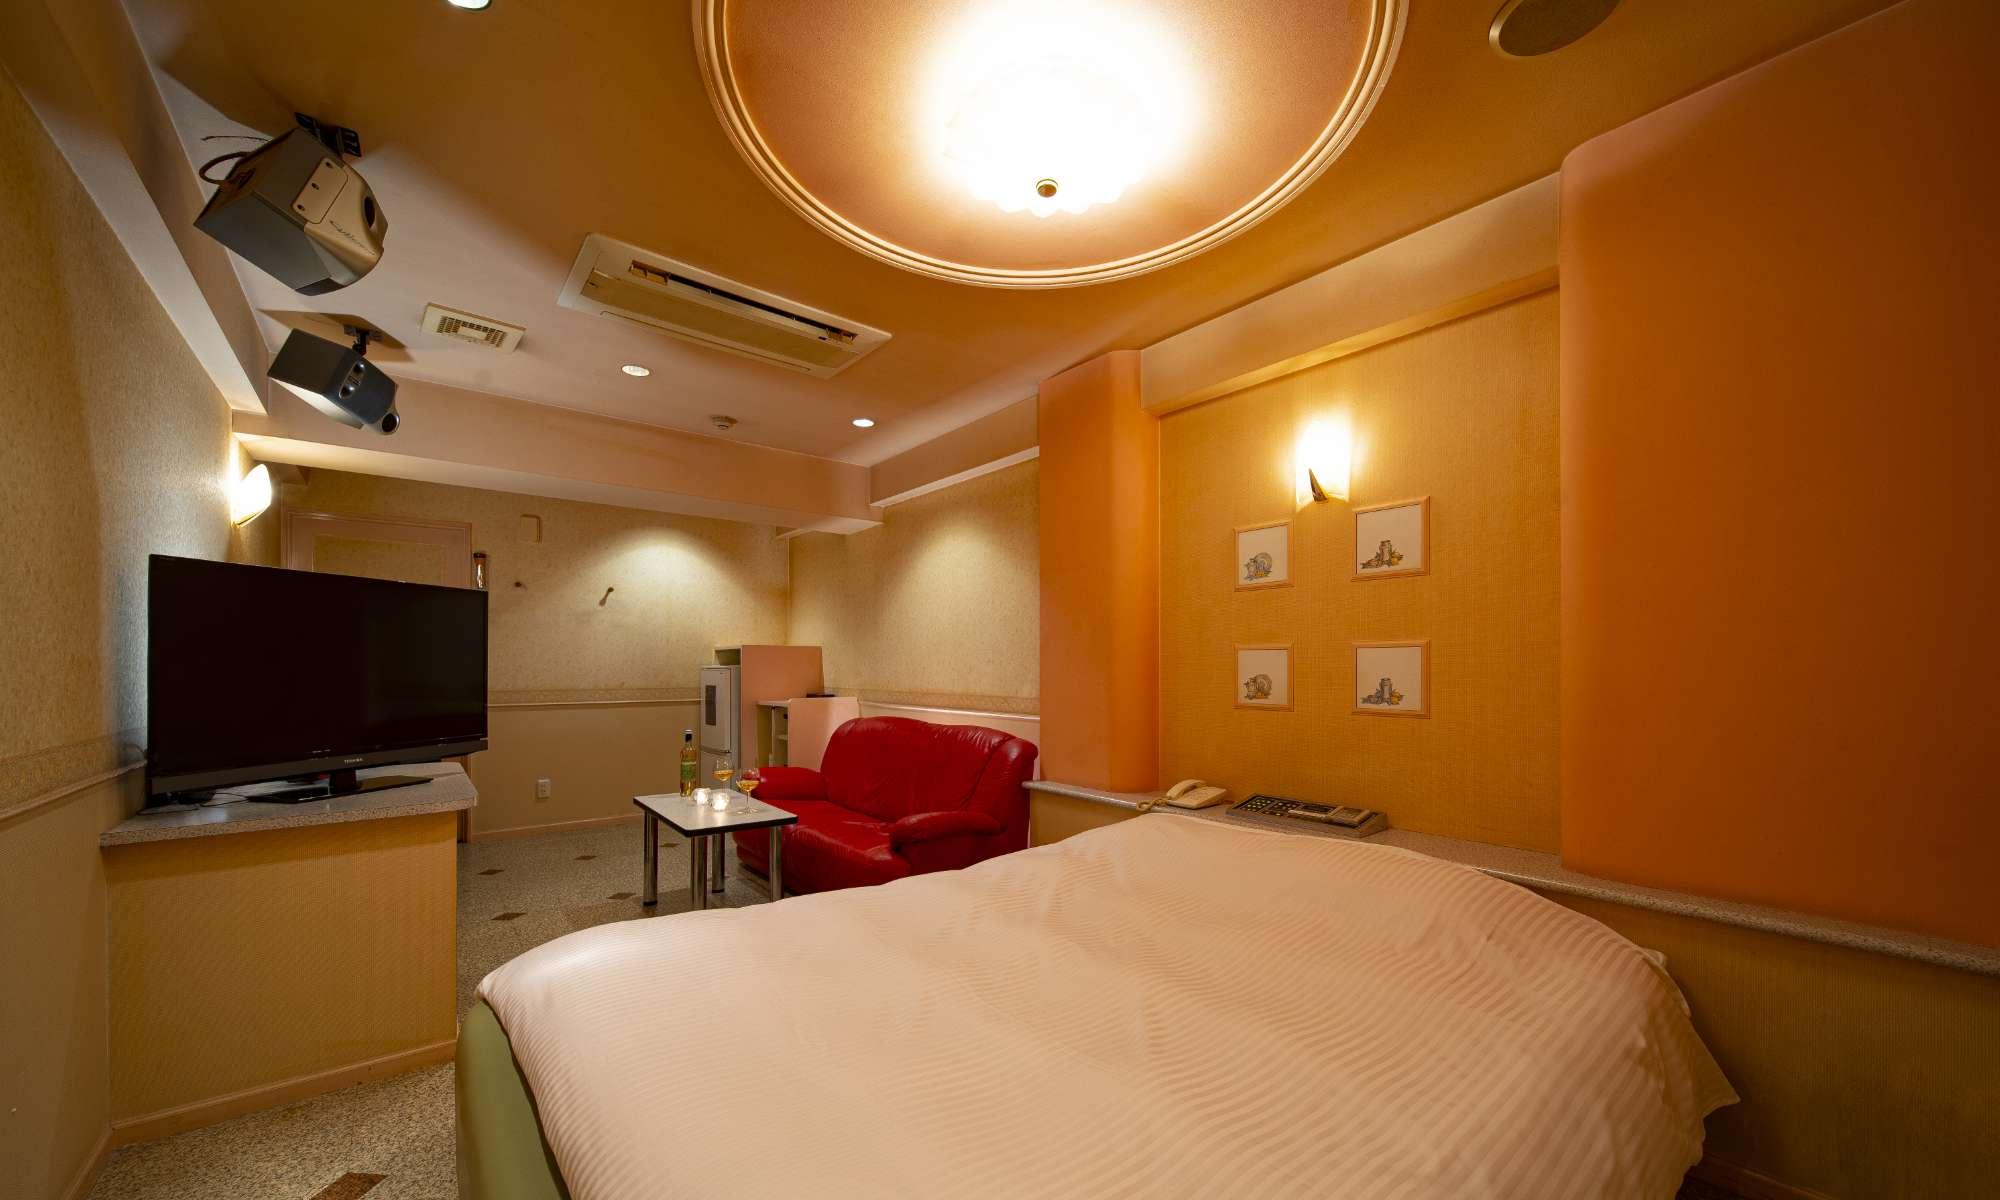 FUTARINO HOTEL(ふたりのホテル)Room320